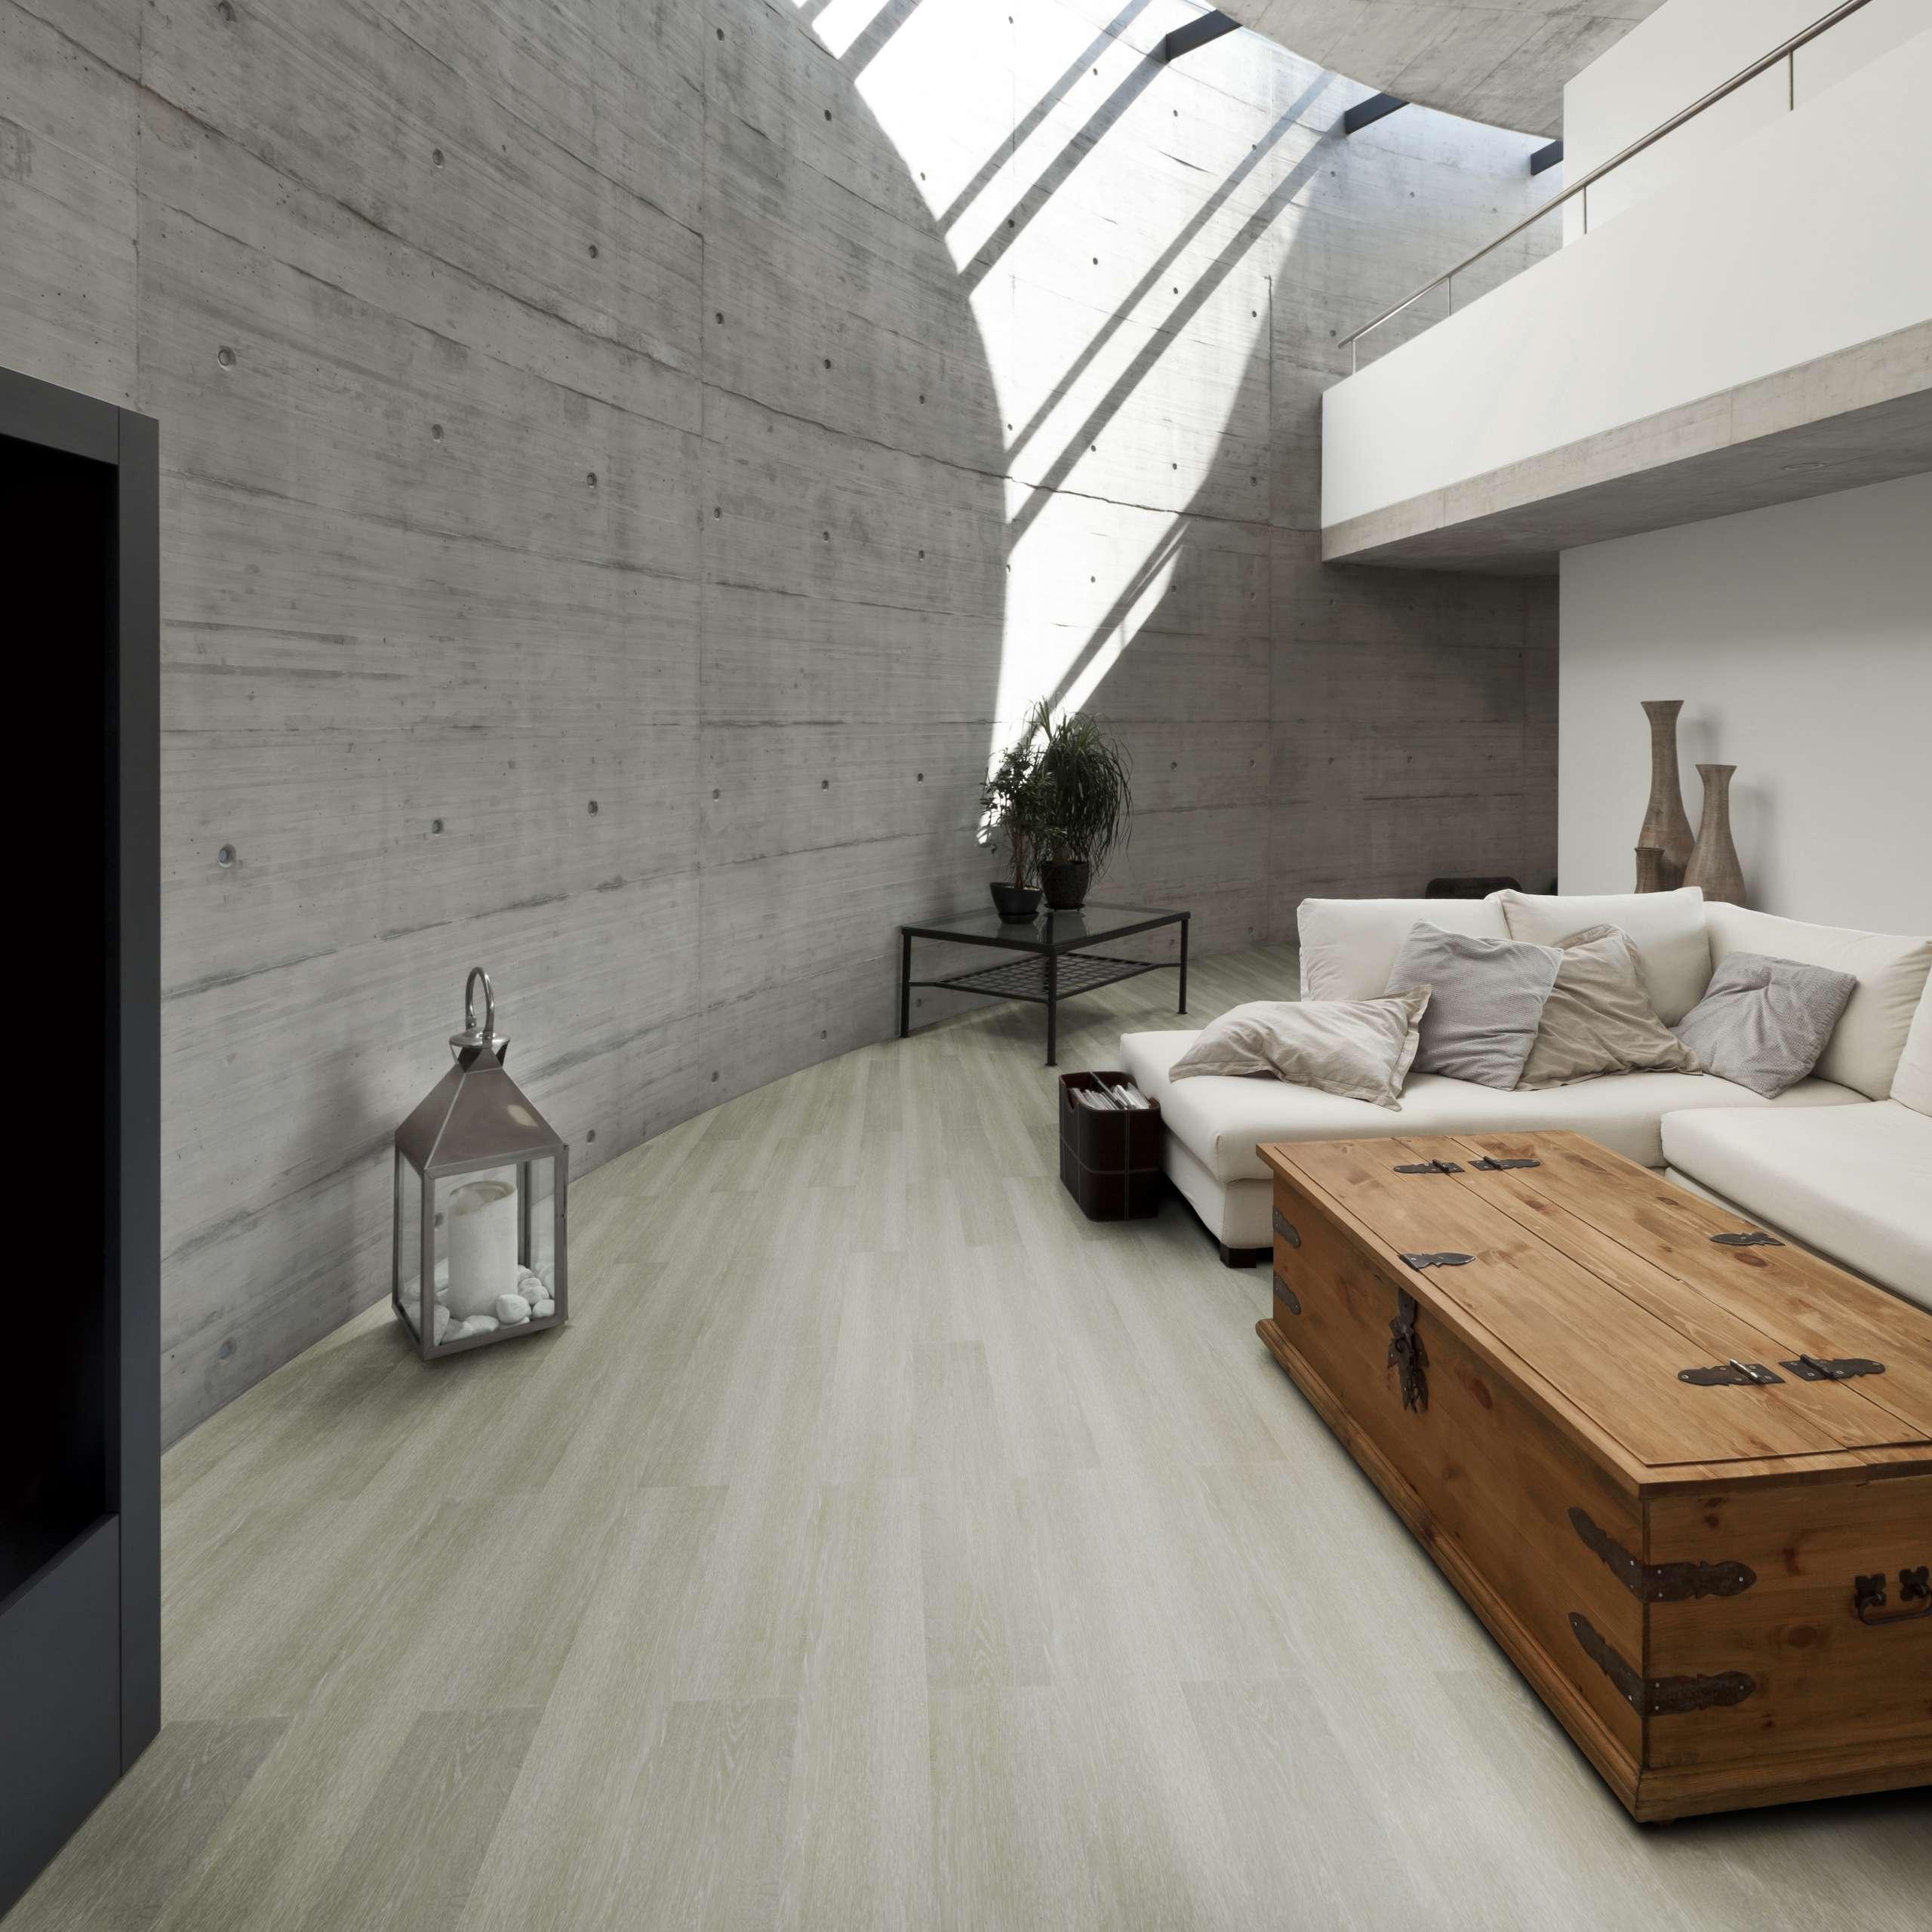 Piso vinílico Tarkett Ambienta Series Aveia em sala de estar rústica